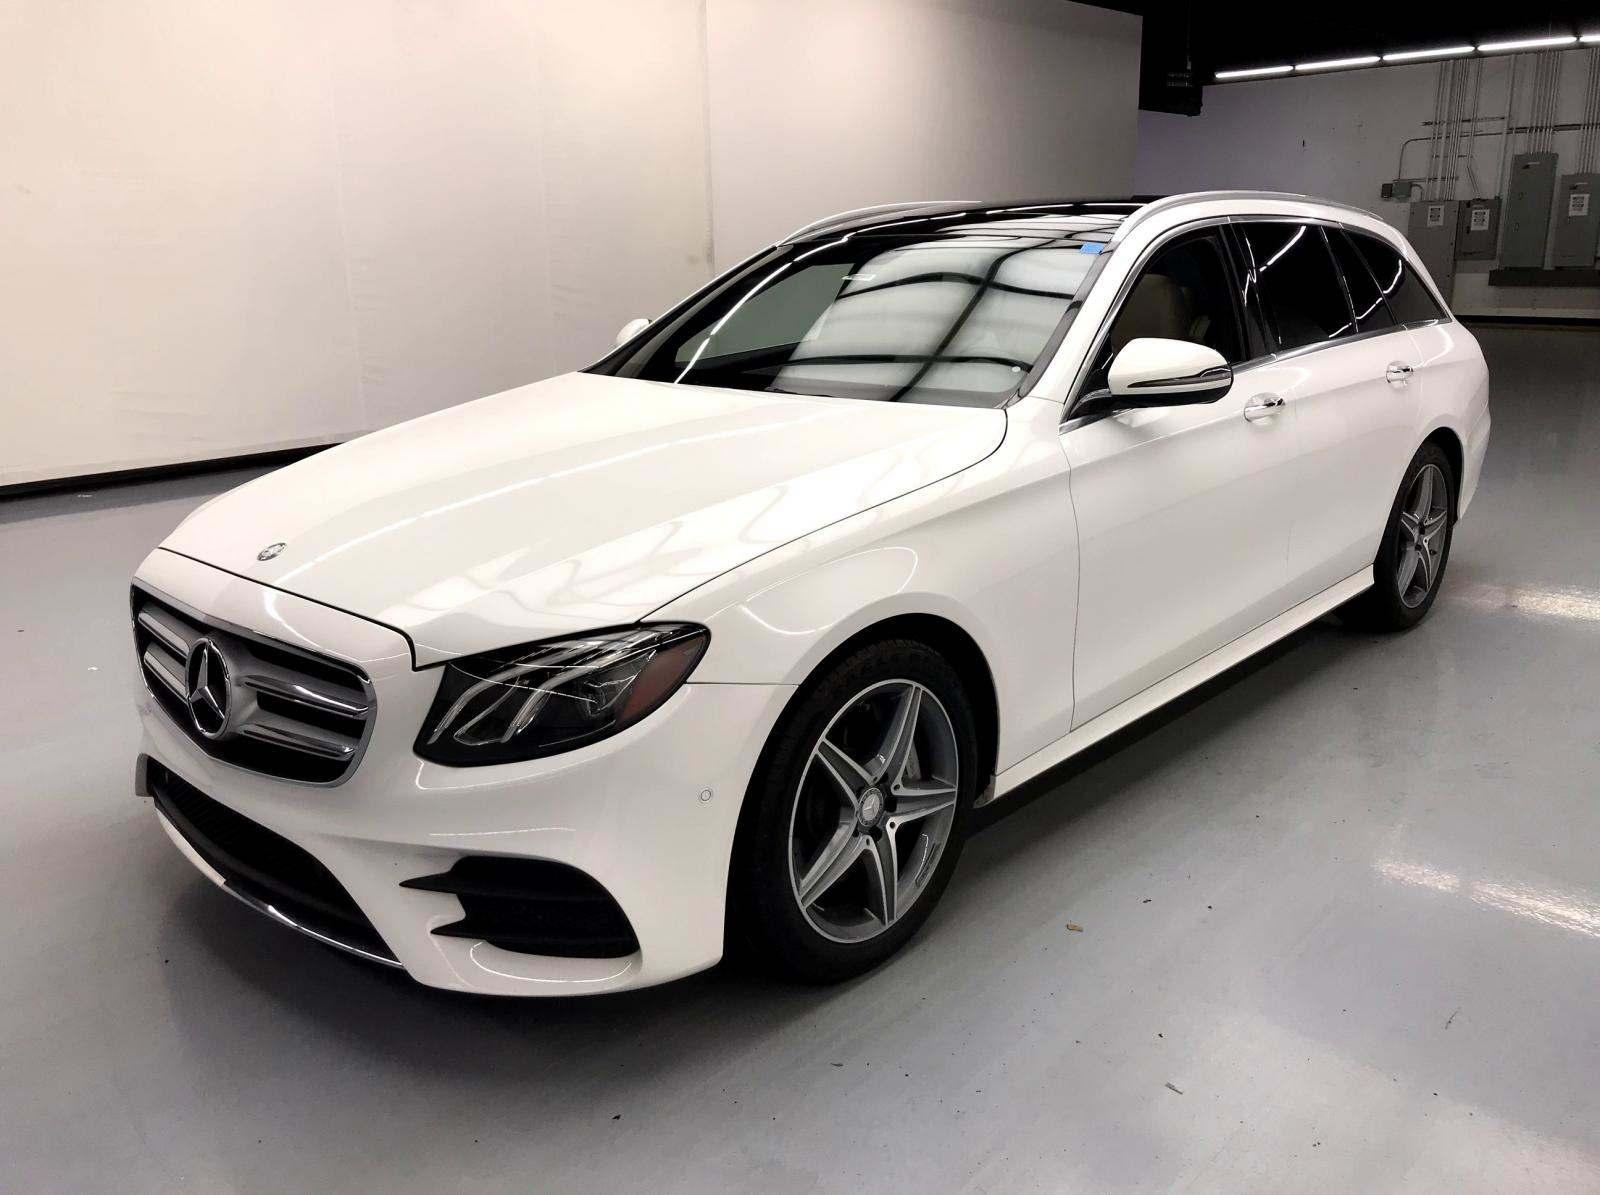 used Mercedes-Benz E-Class 2017 vin: WDDZH6GB2HA141545